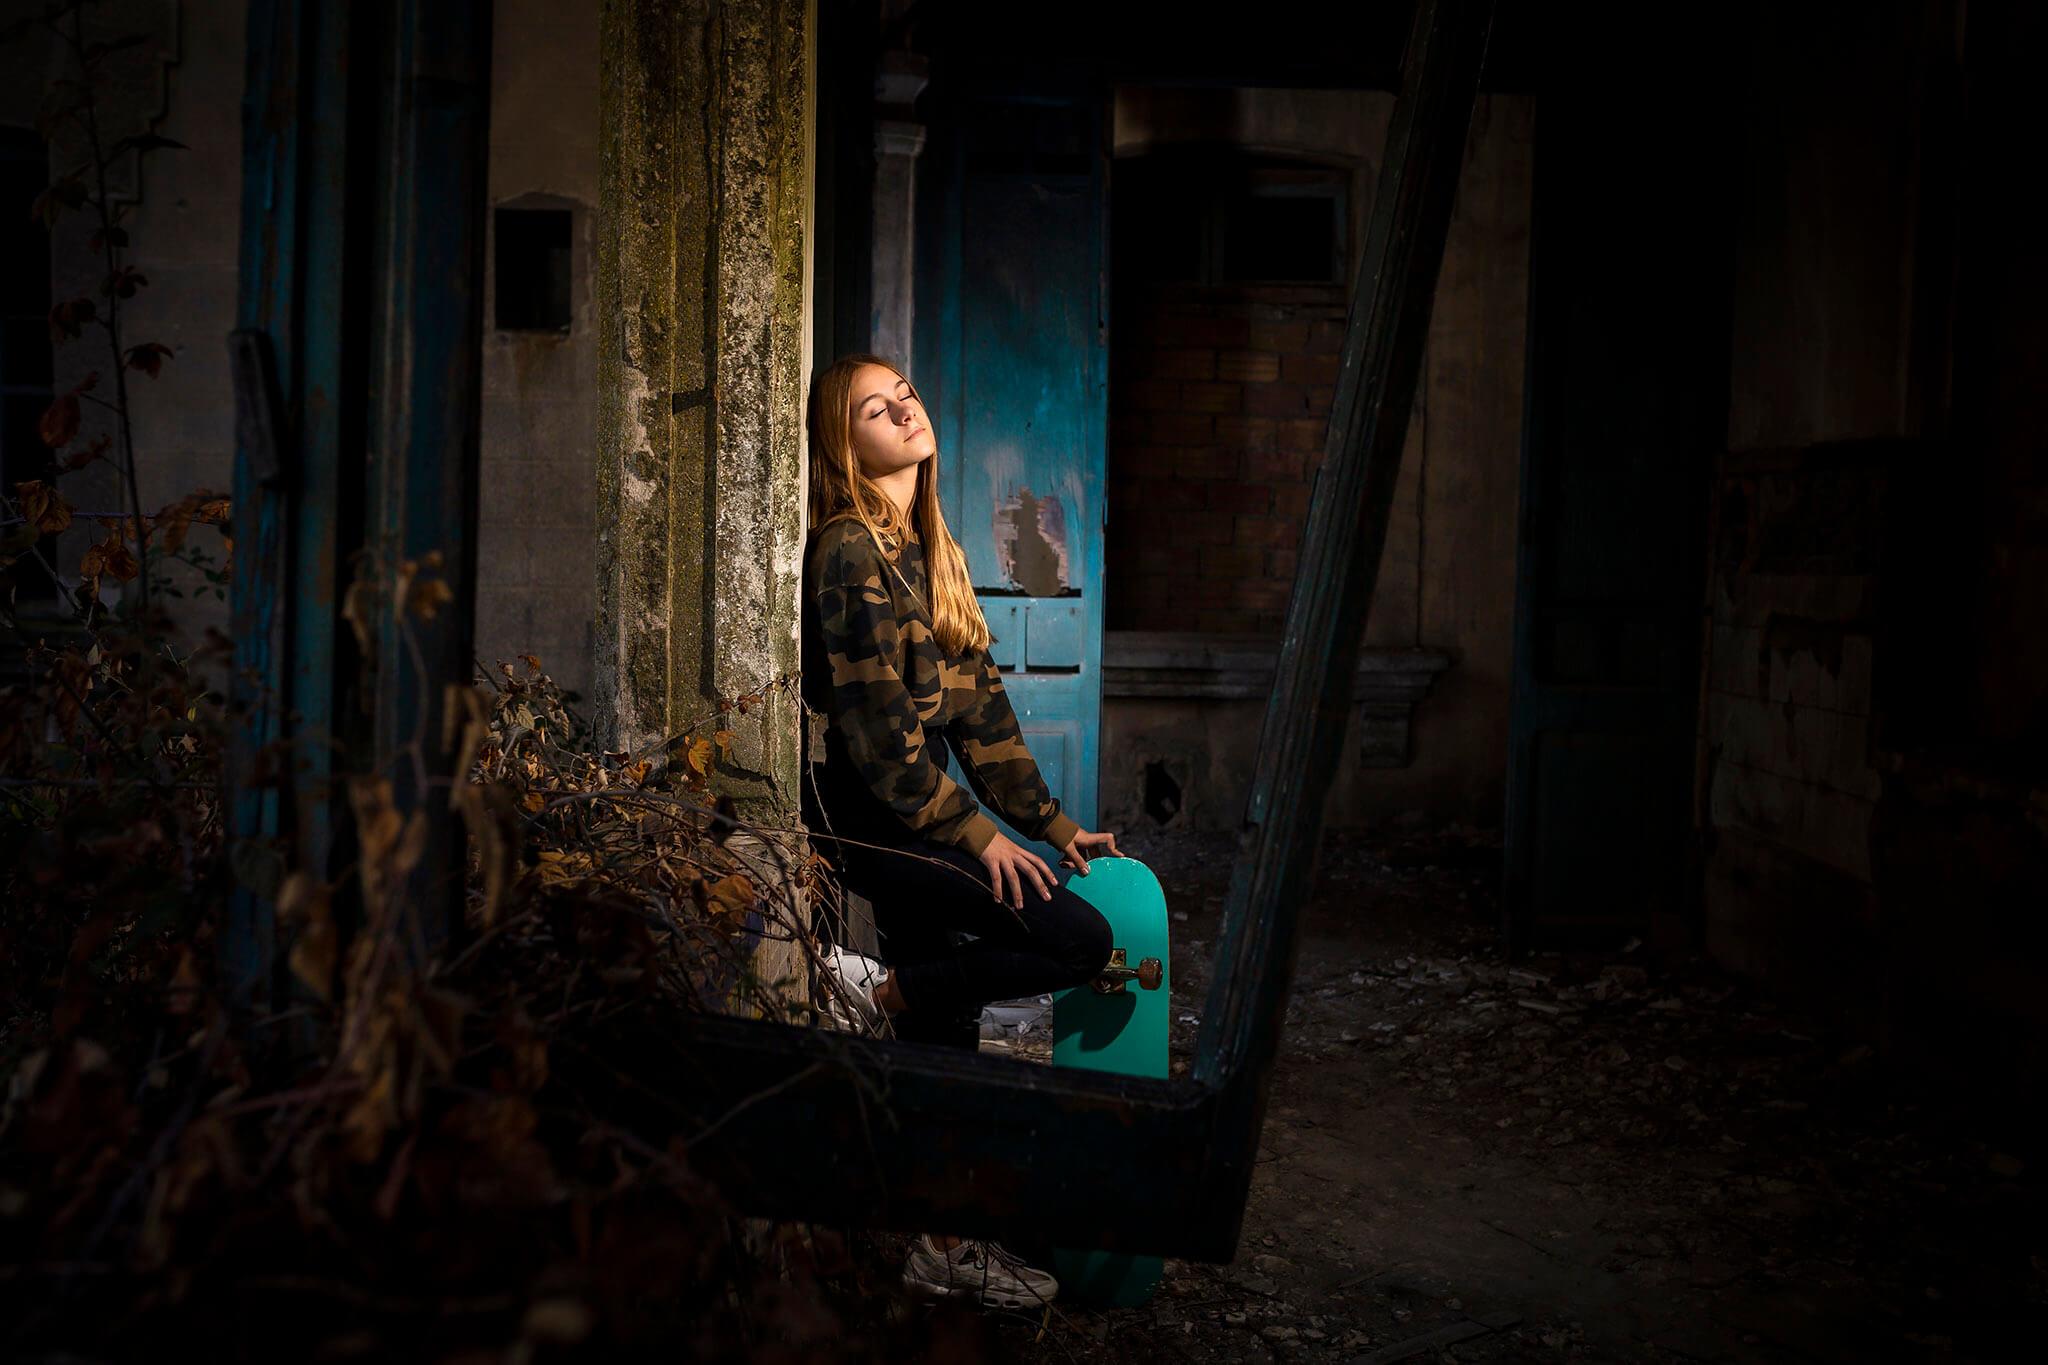 David Delgado Social Photography